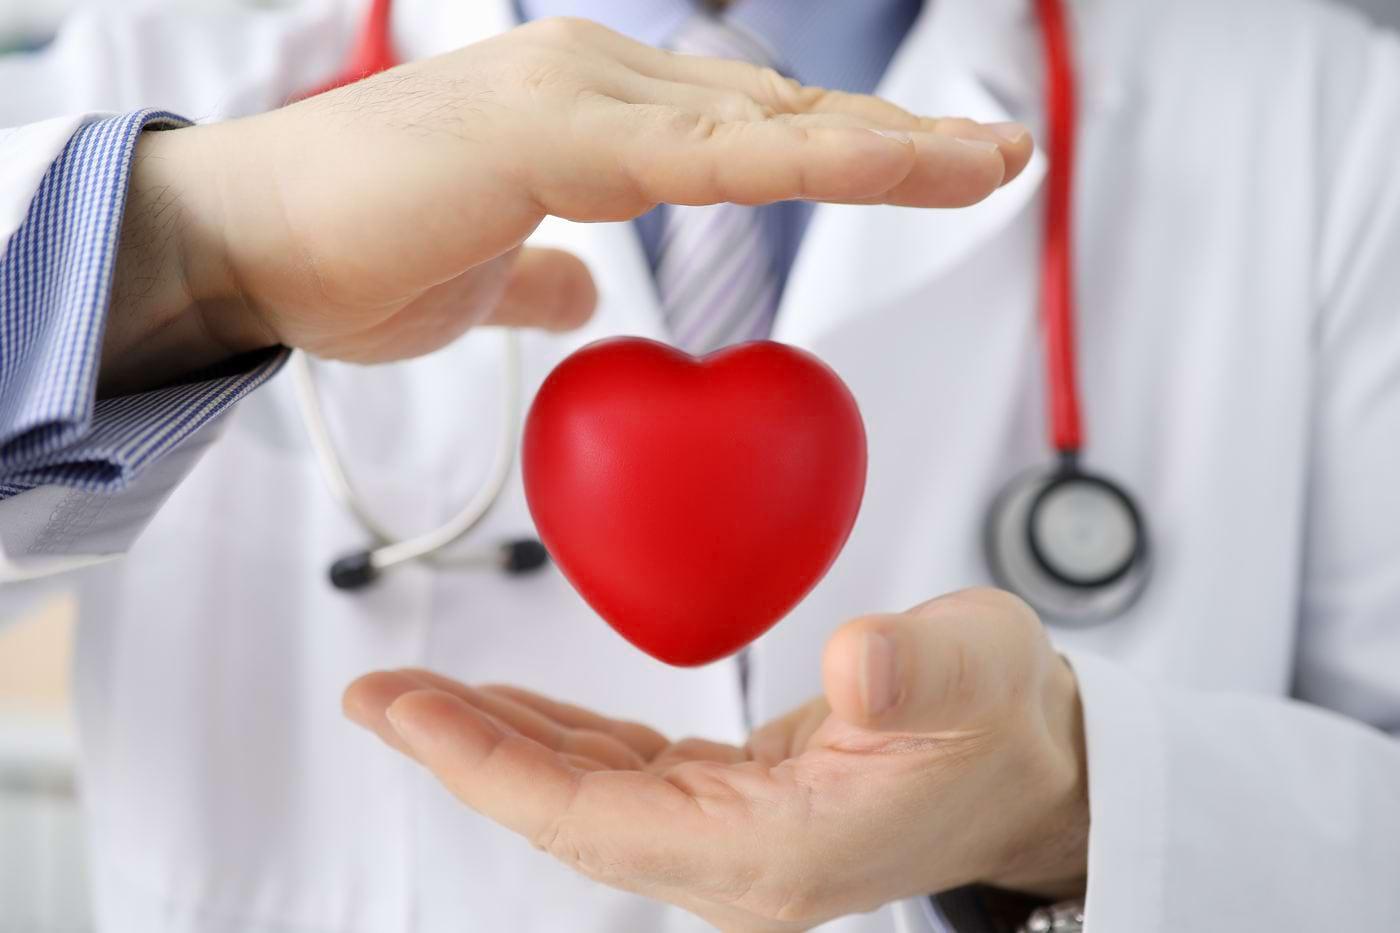 Sindromul inimii de vacanță - cauze, simptome și tratament